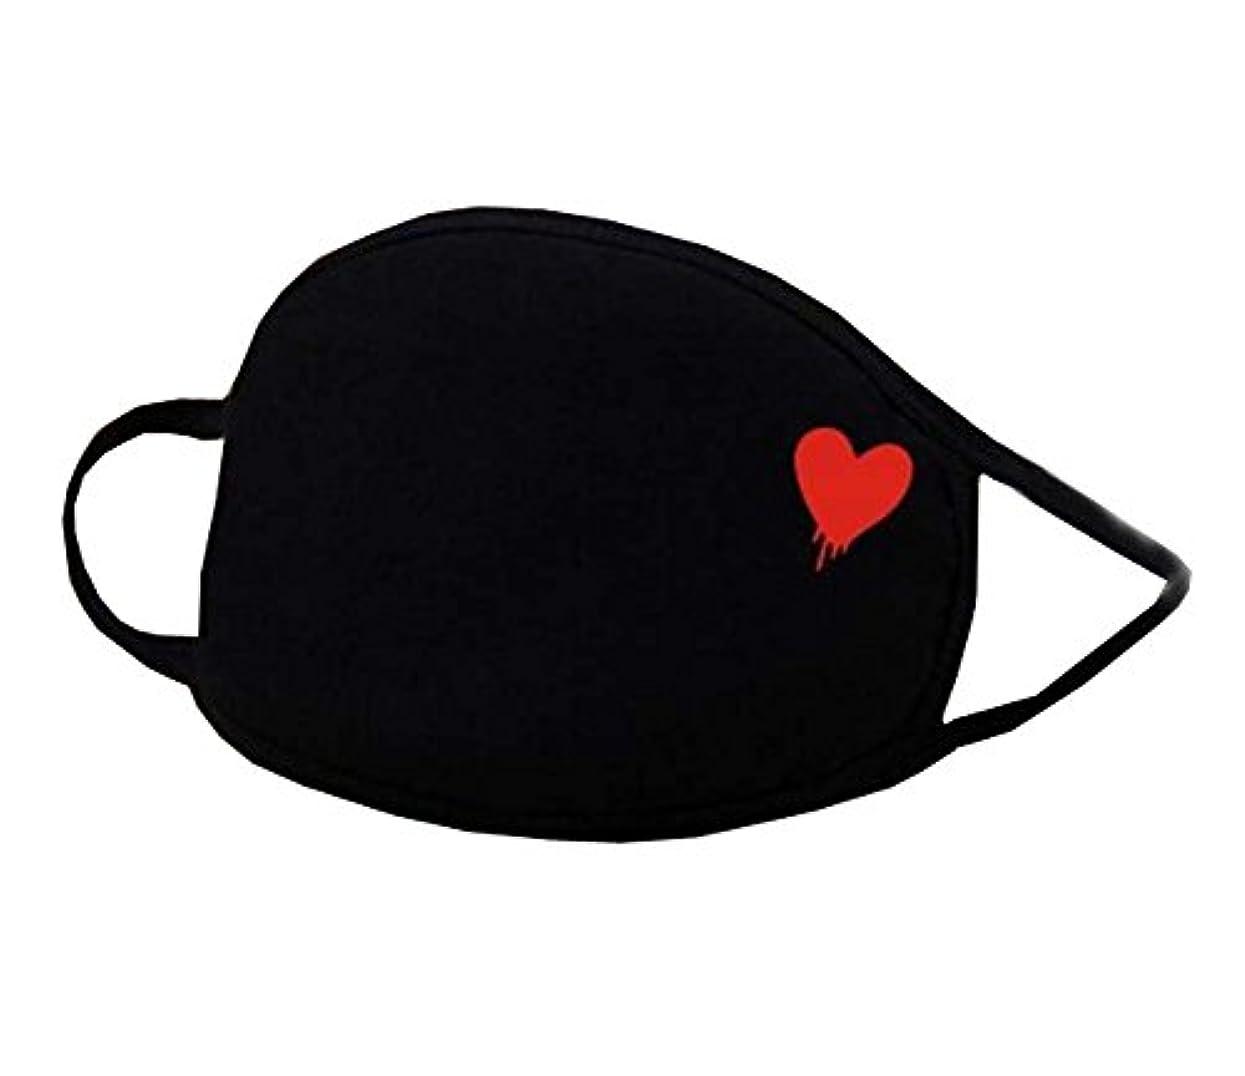 スペイン語式口口腔マスク、ユニセックスマスク男性用/女性用アンチダストコットンフェイスマスク(2個)、A6